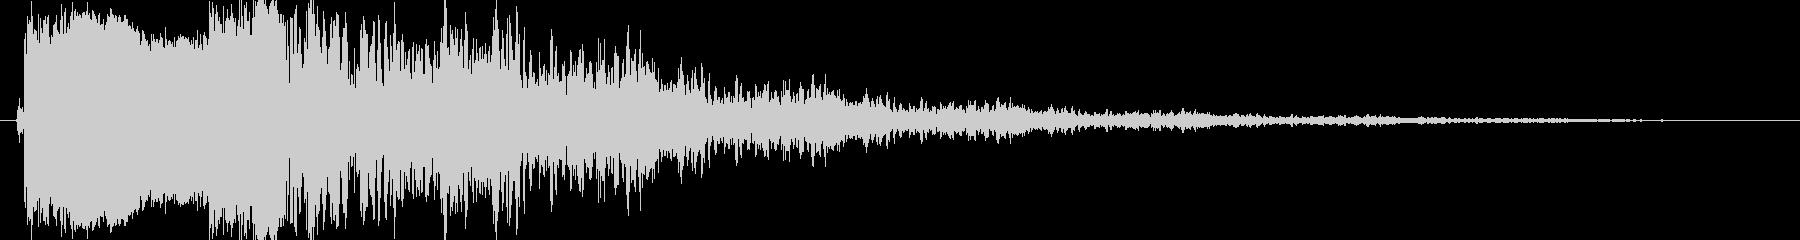 ピキーン(高い音)の未再生の波形